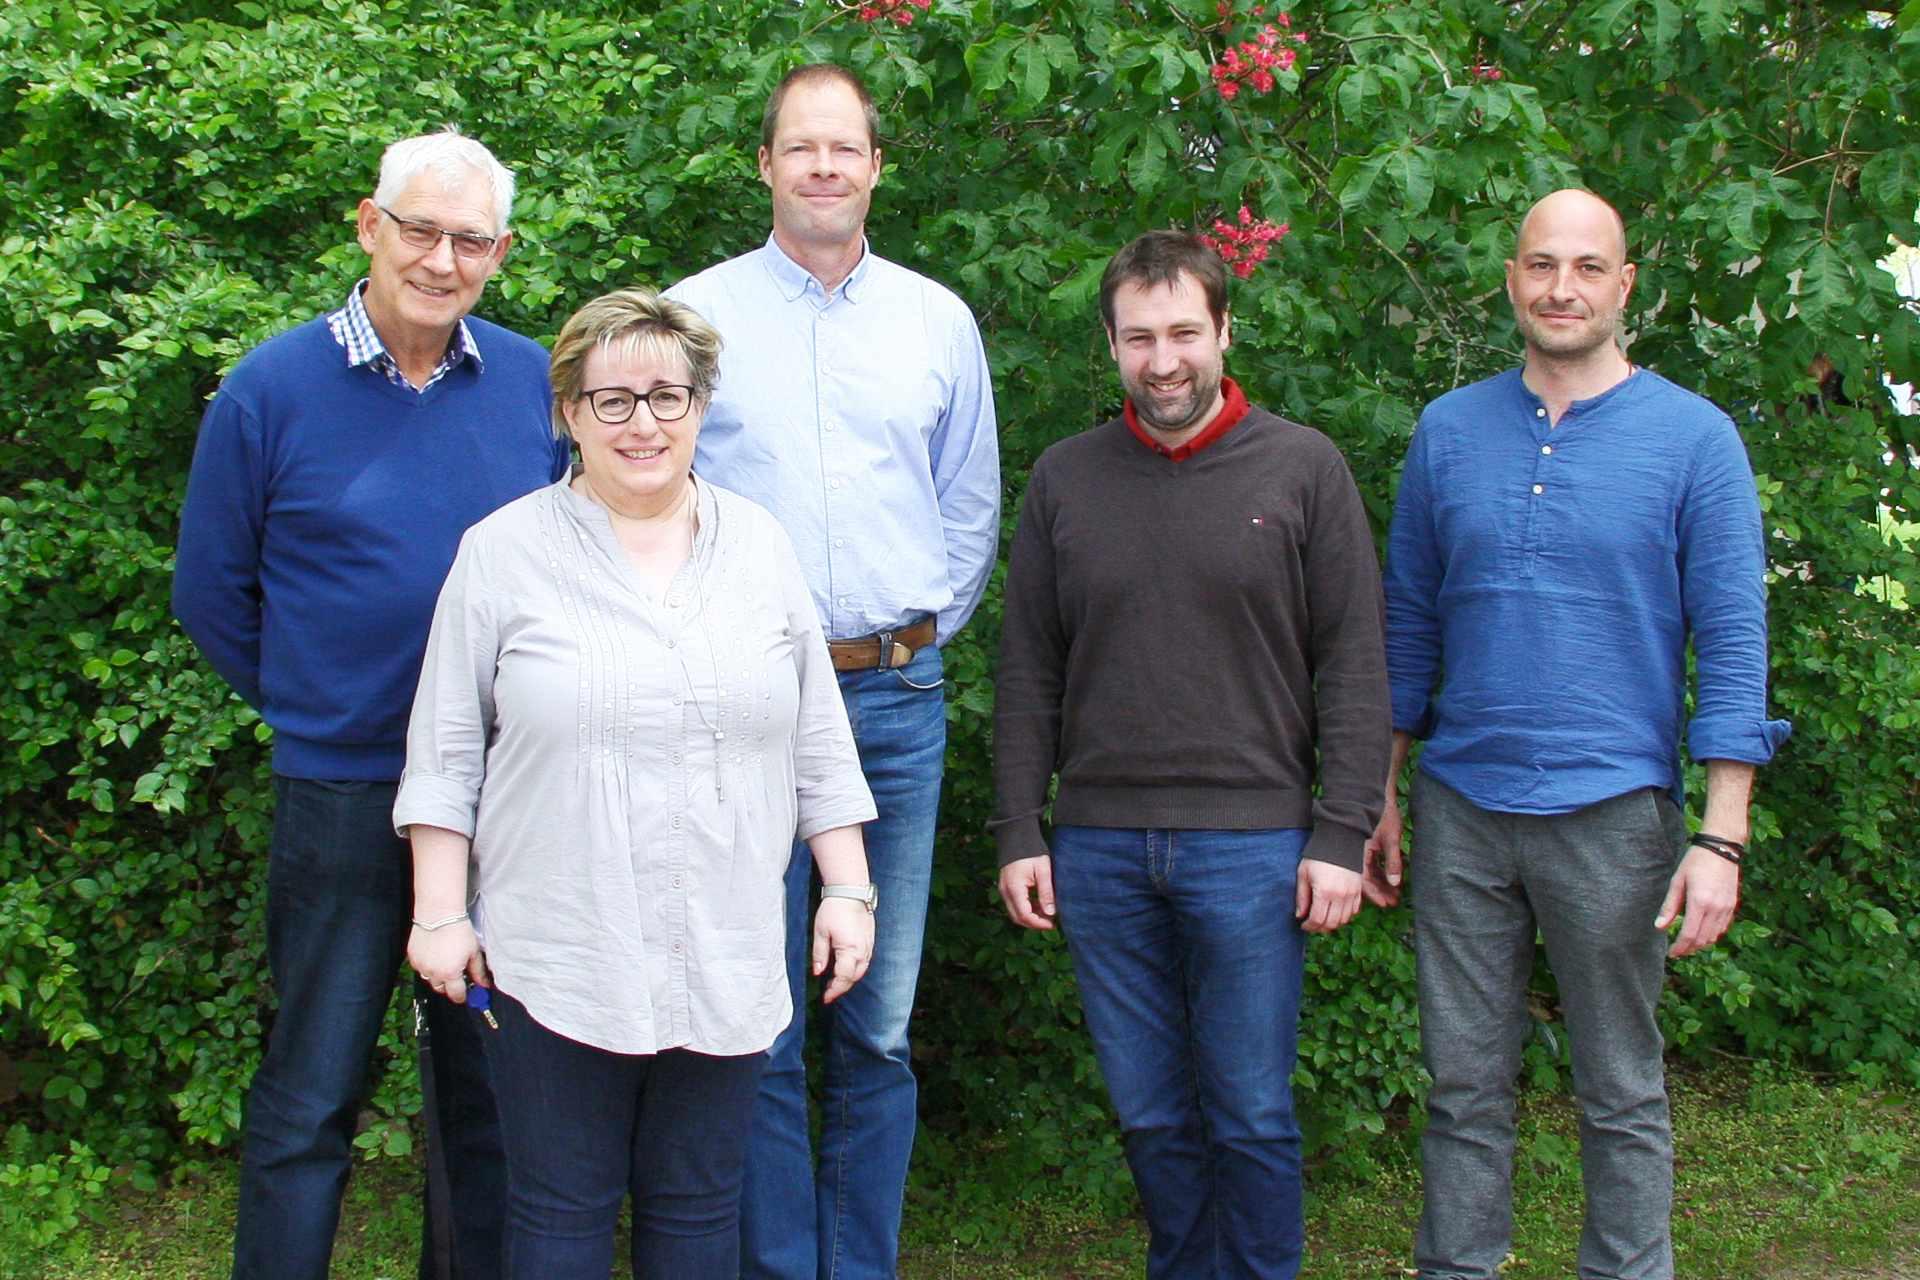 Klaus Warmuth, Annett Hellmuth, Rolf Hoffmann, Johannes Hammerl, und Jens Stahl - von links nach rechts